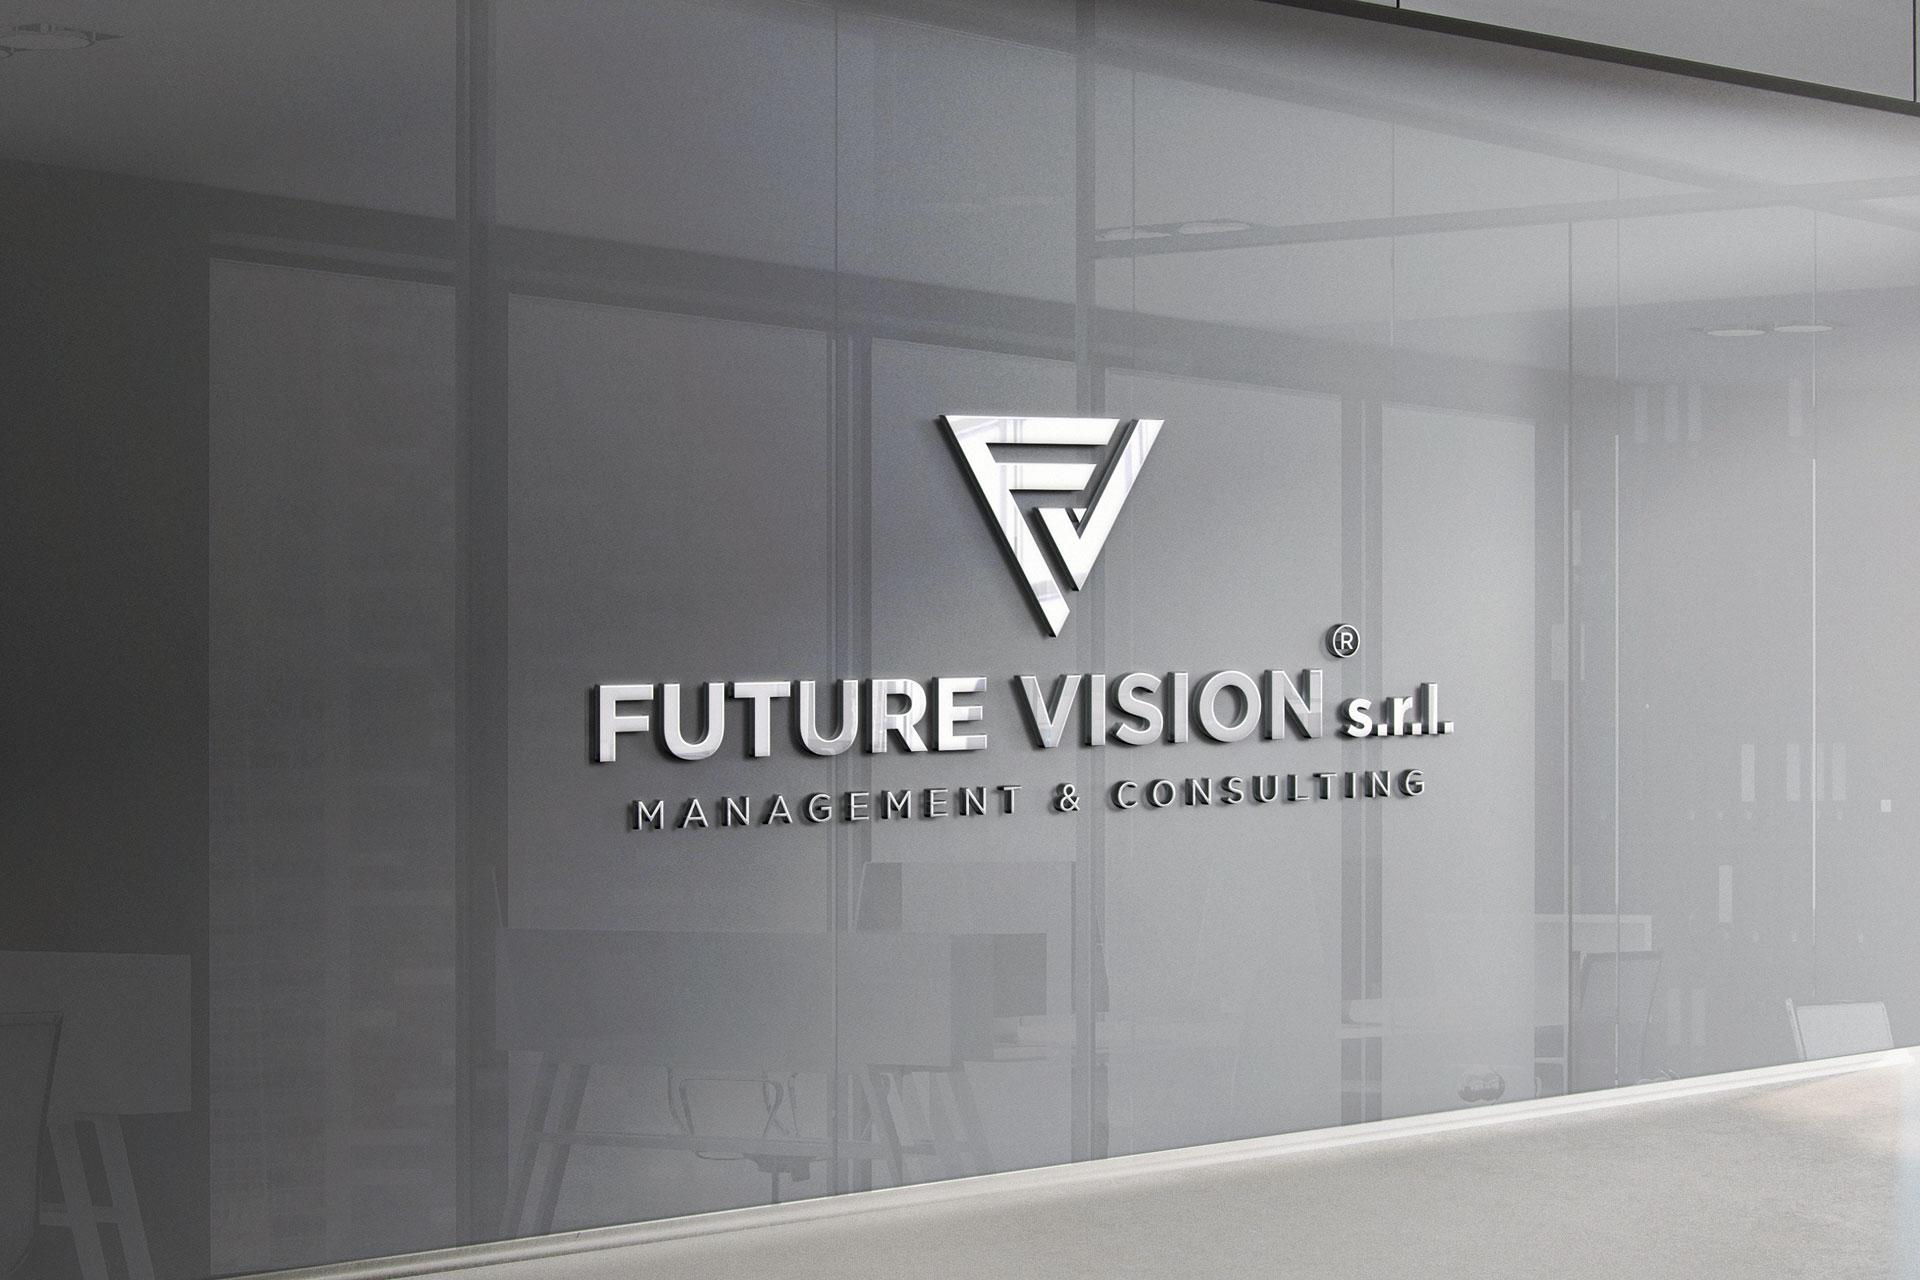 Future Vision srl – Management & Consulting